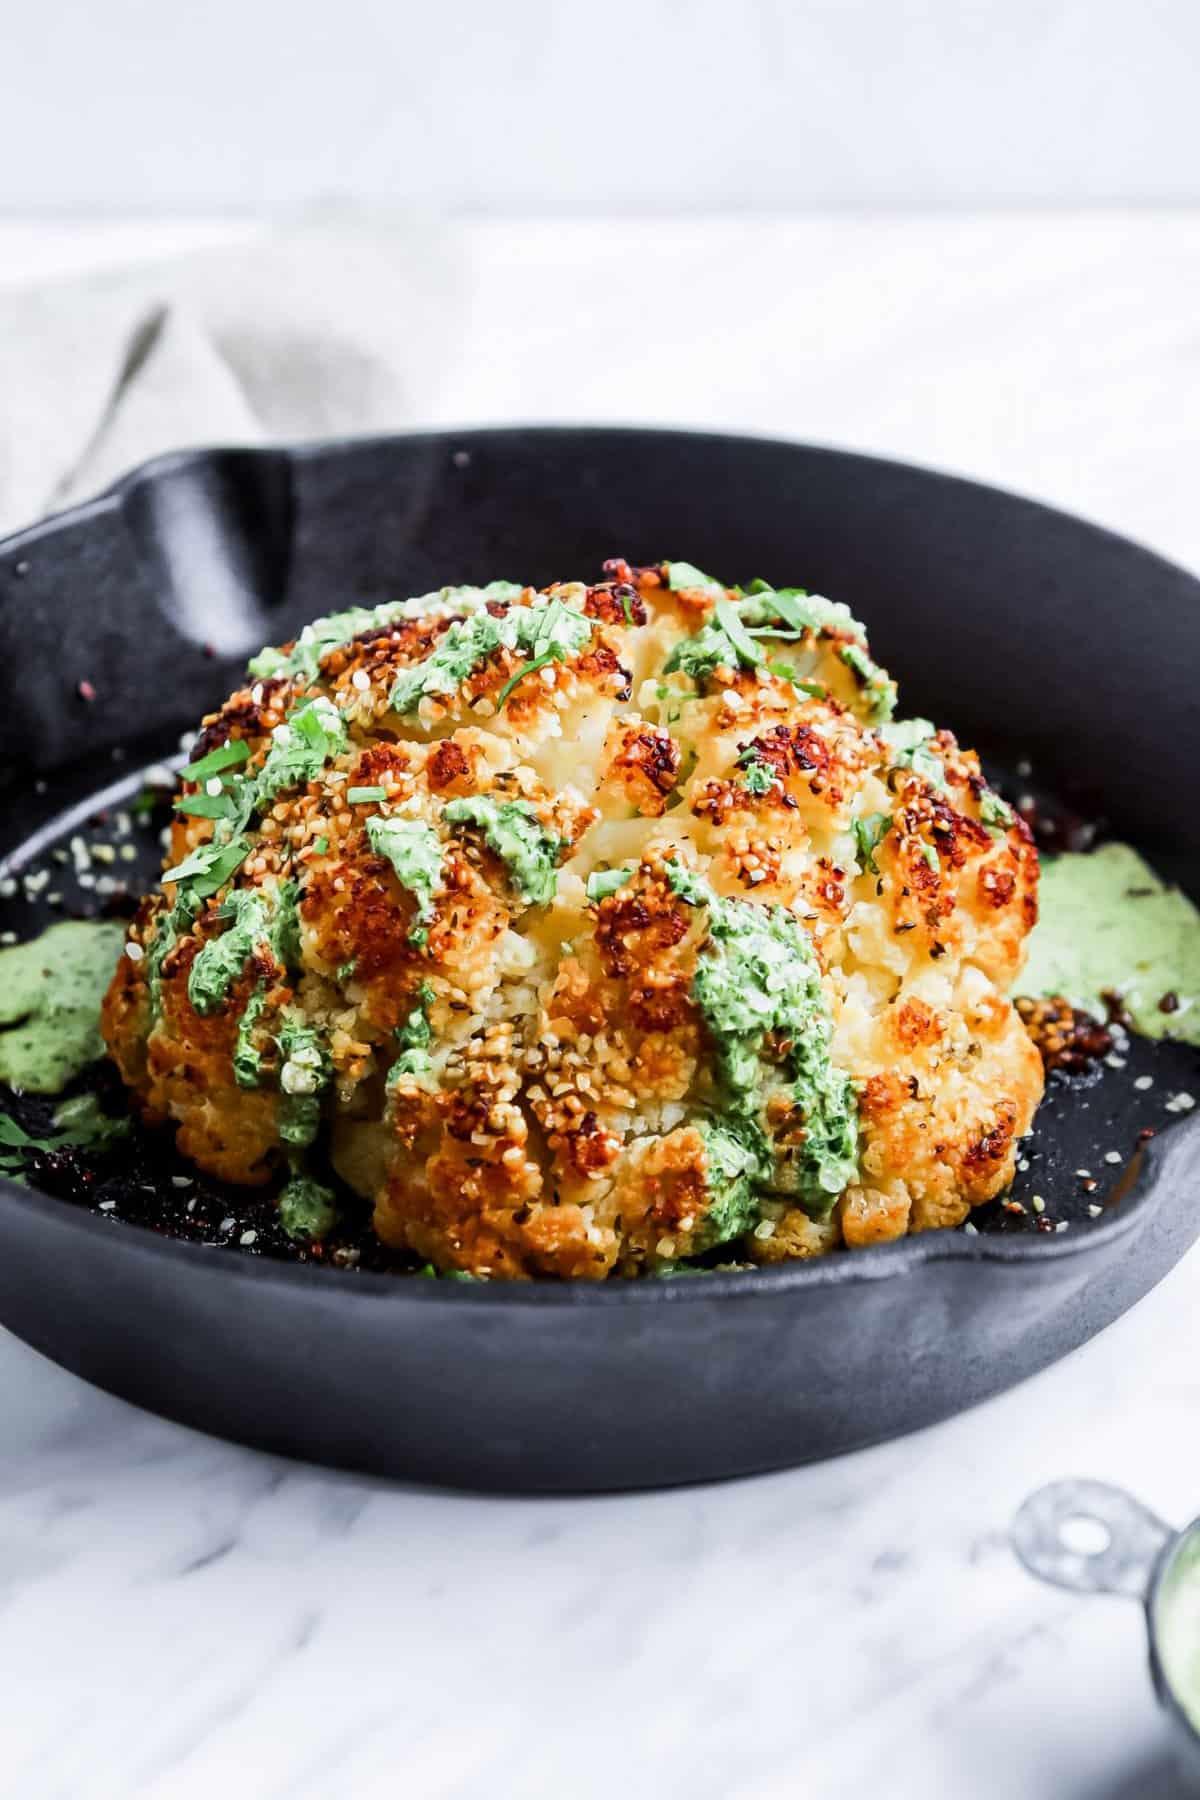 Vegan Paleo Whole Roasted Cauliflower Recipe